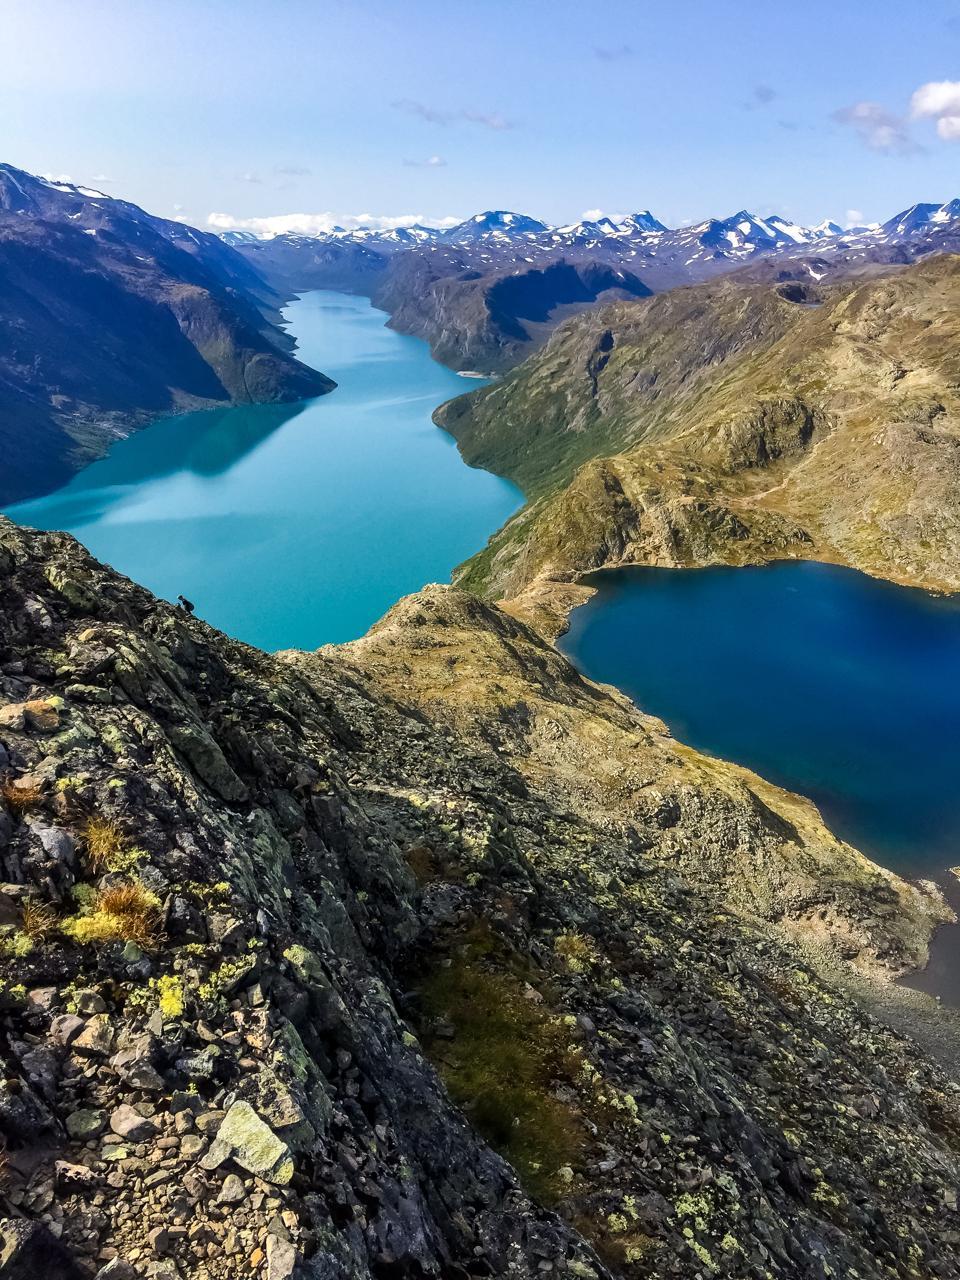 The Besseggen ridge in Jotunheimen National Park, Norway.